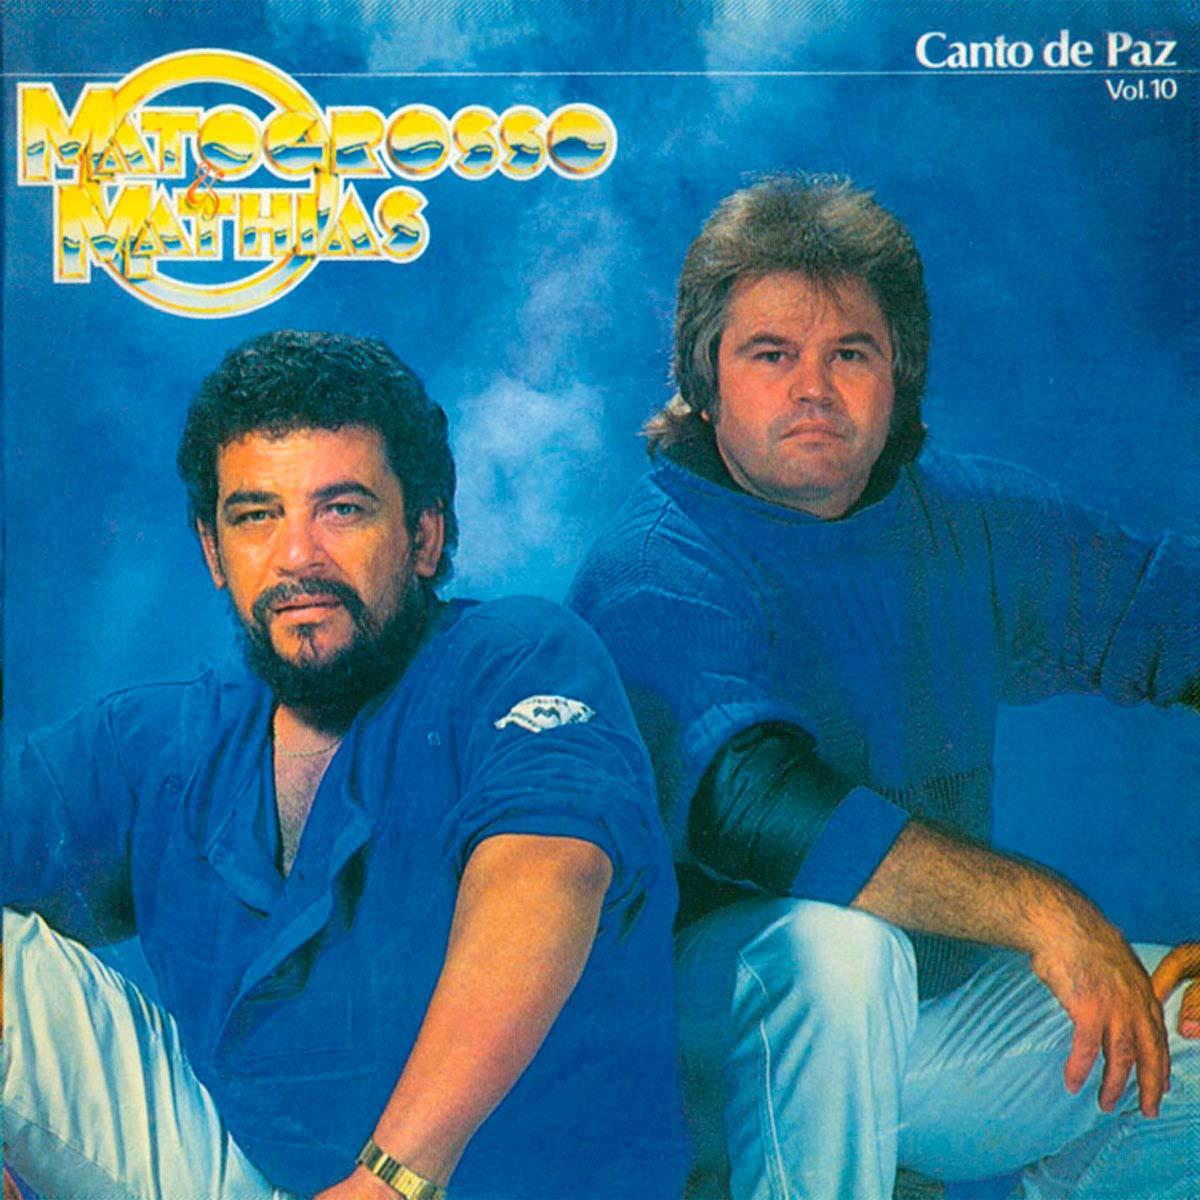 CD Matogrosso & Mathias Canto de Paz Vol. 10